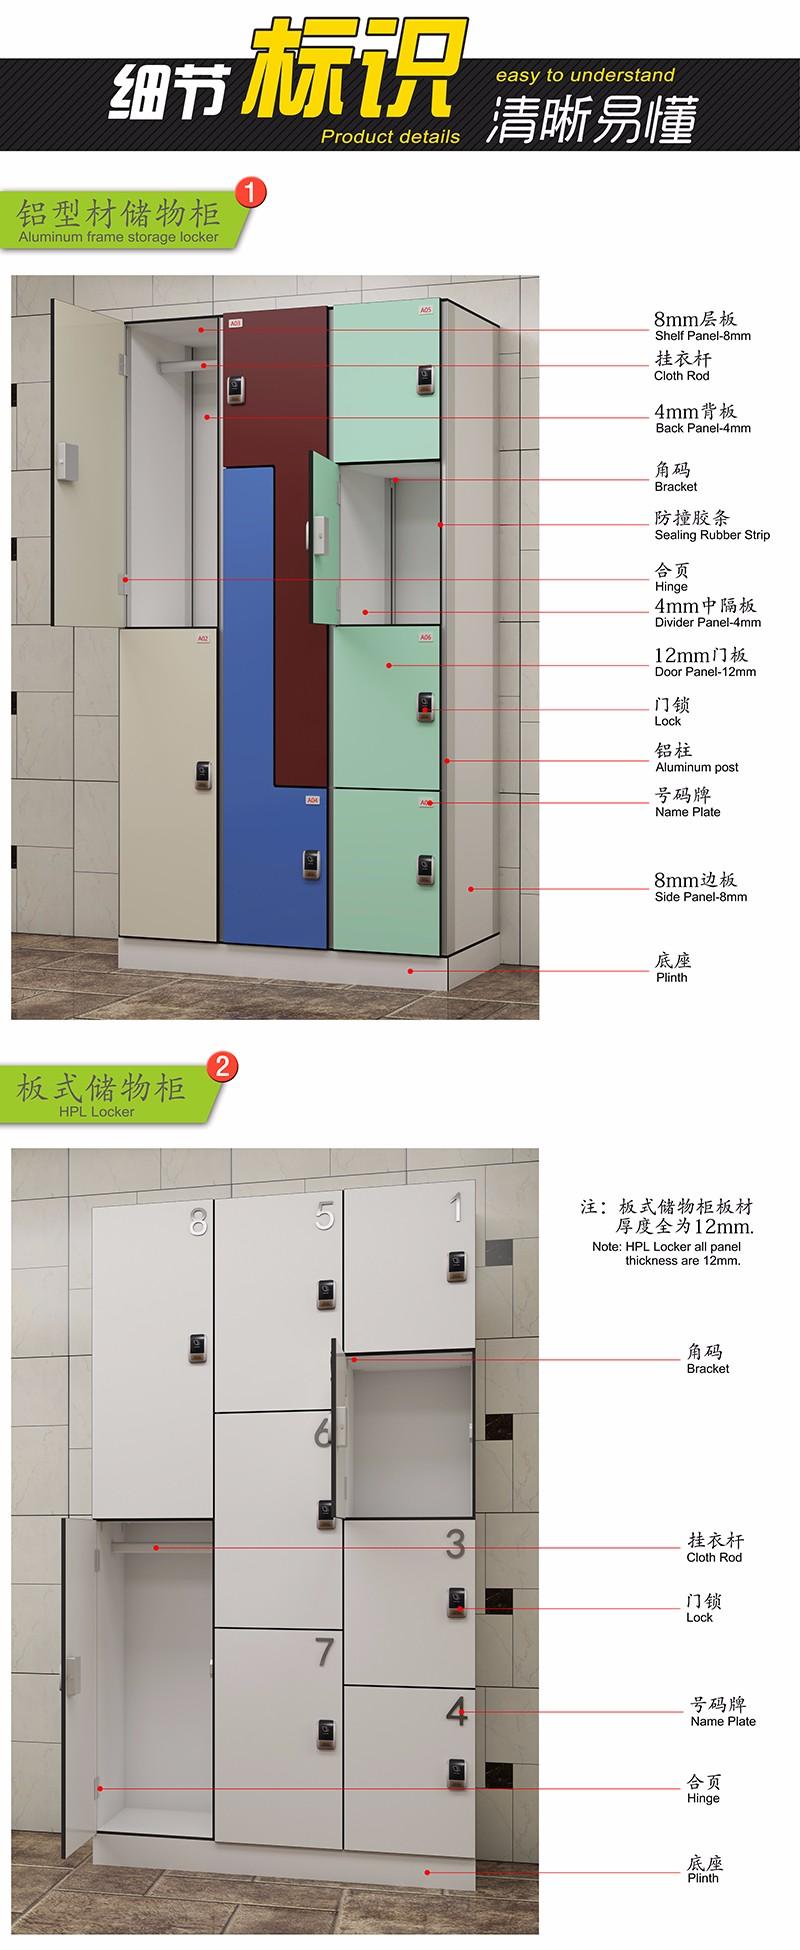 El diseño de moda oficina gabinete hpl guardarropas a la medida Venta al por mayor, la fabricación, la producción